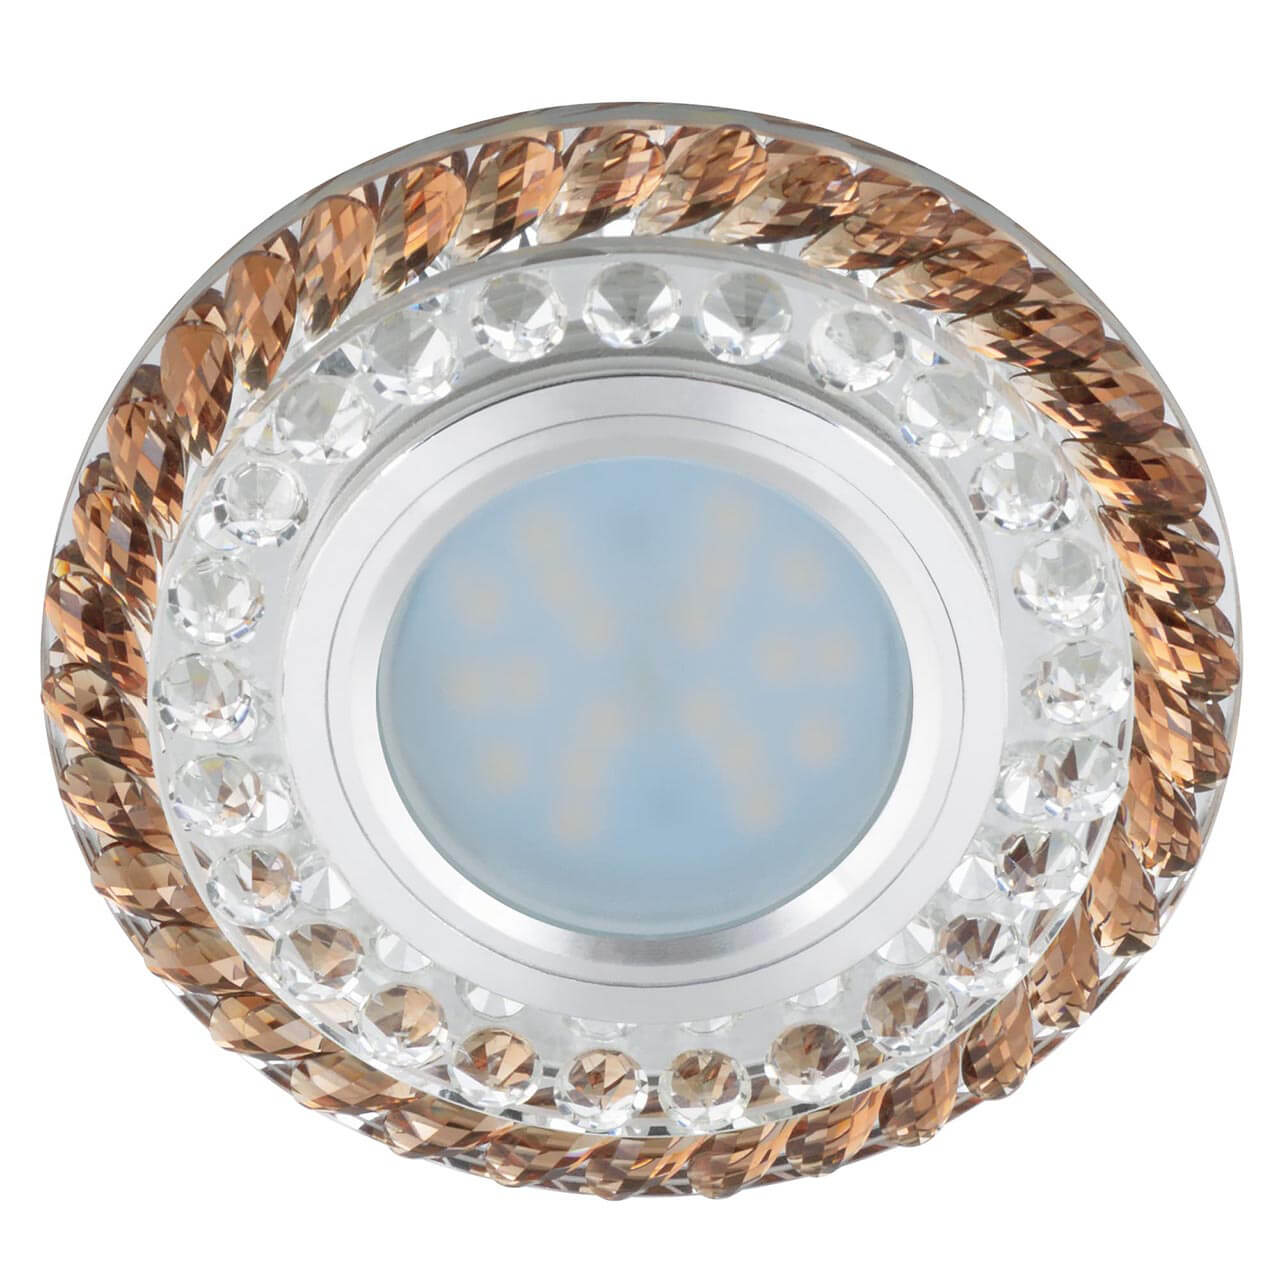 Встраиваемый светильник Fametto Luciole DLS-L132 GU5.3 Chrome/Brown